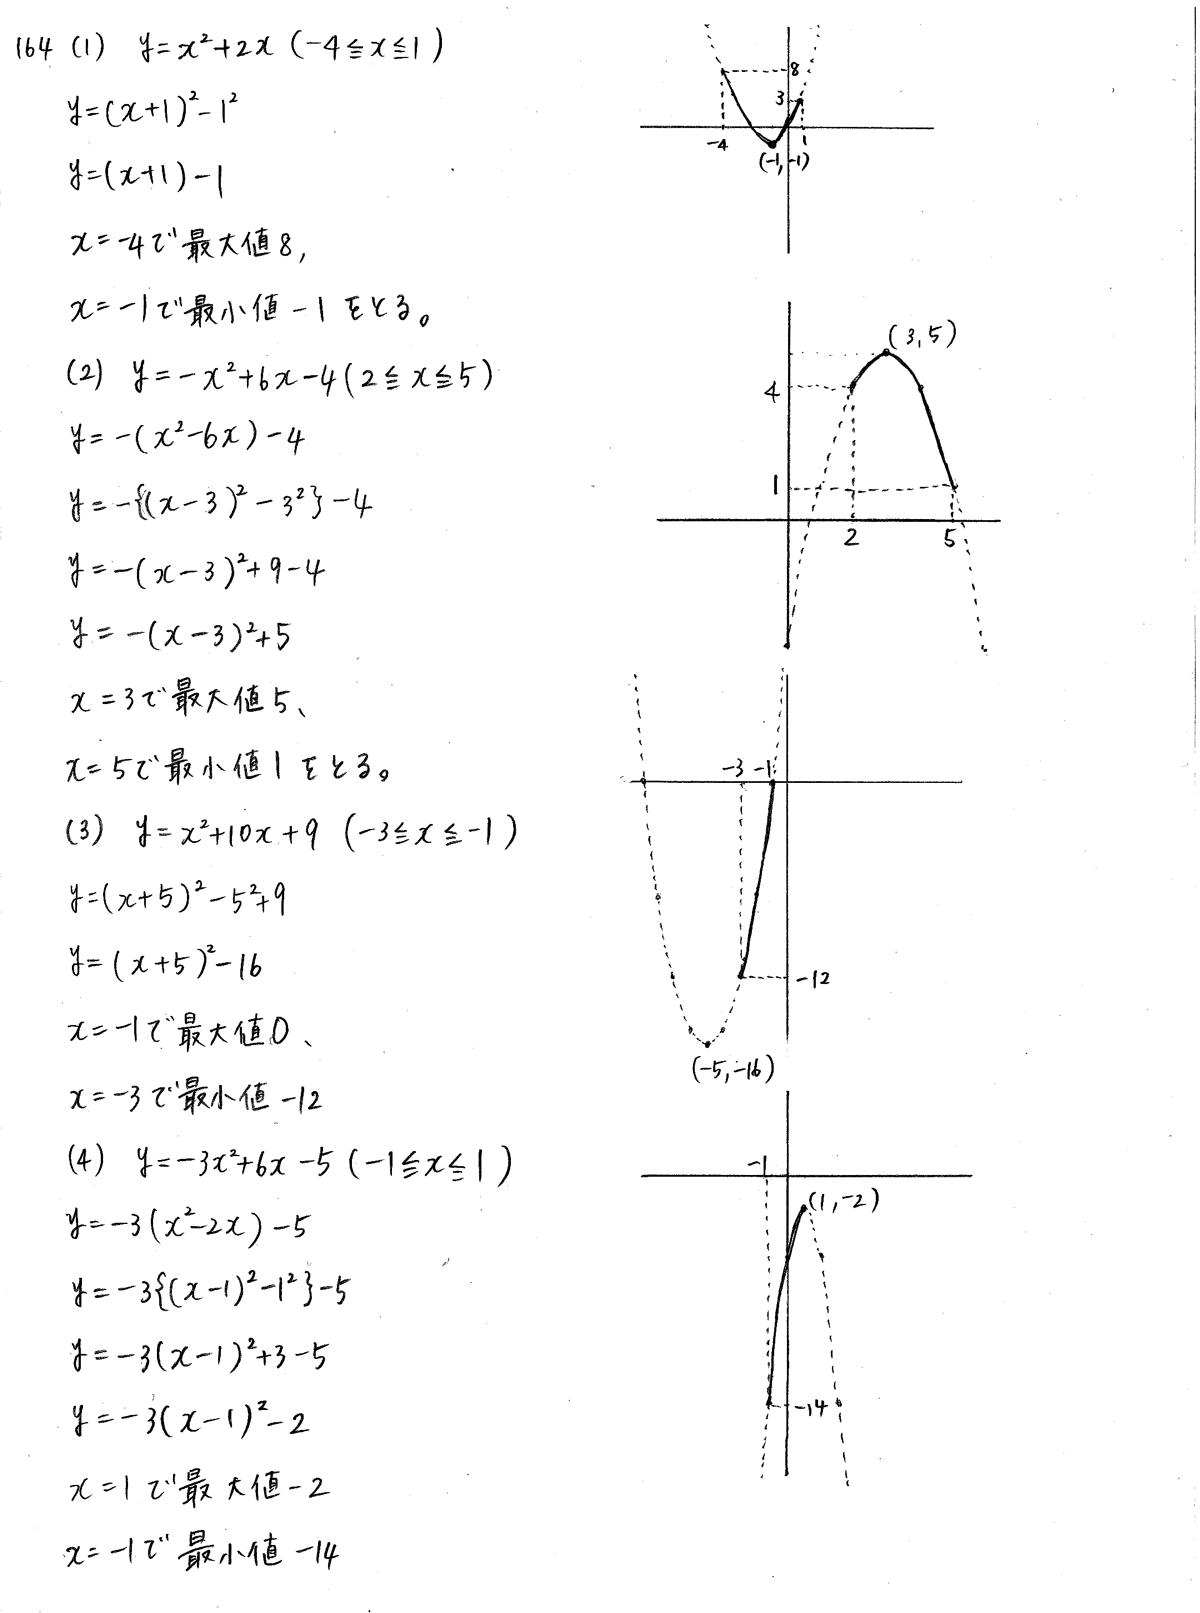 クリアー数学1-164解答